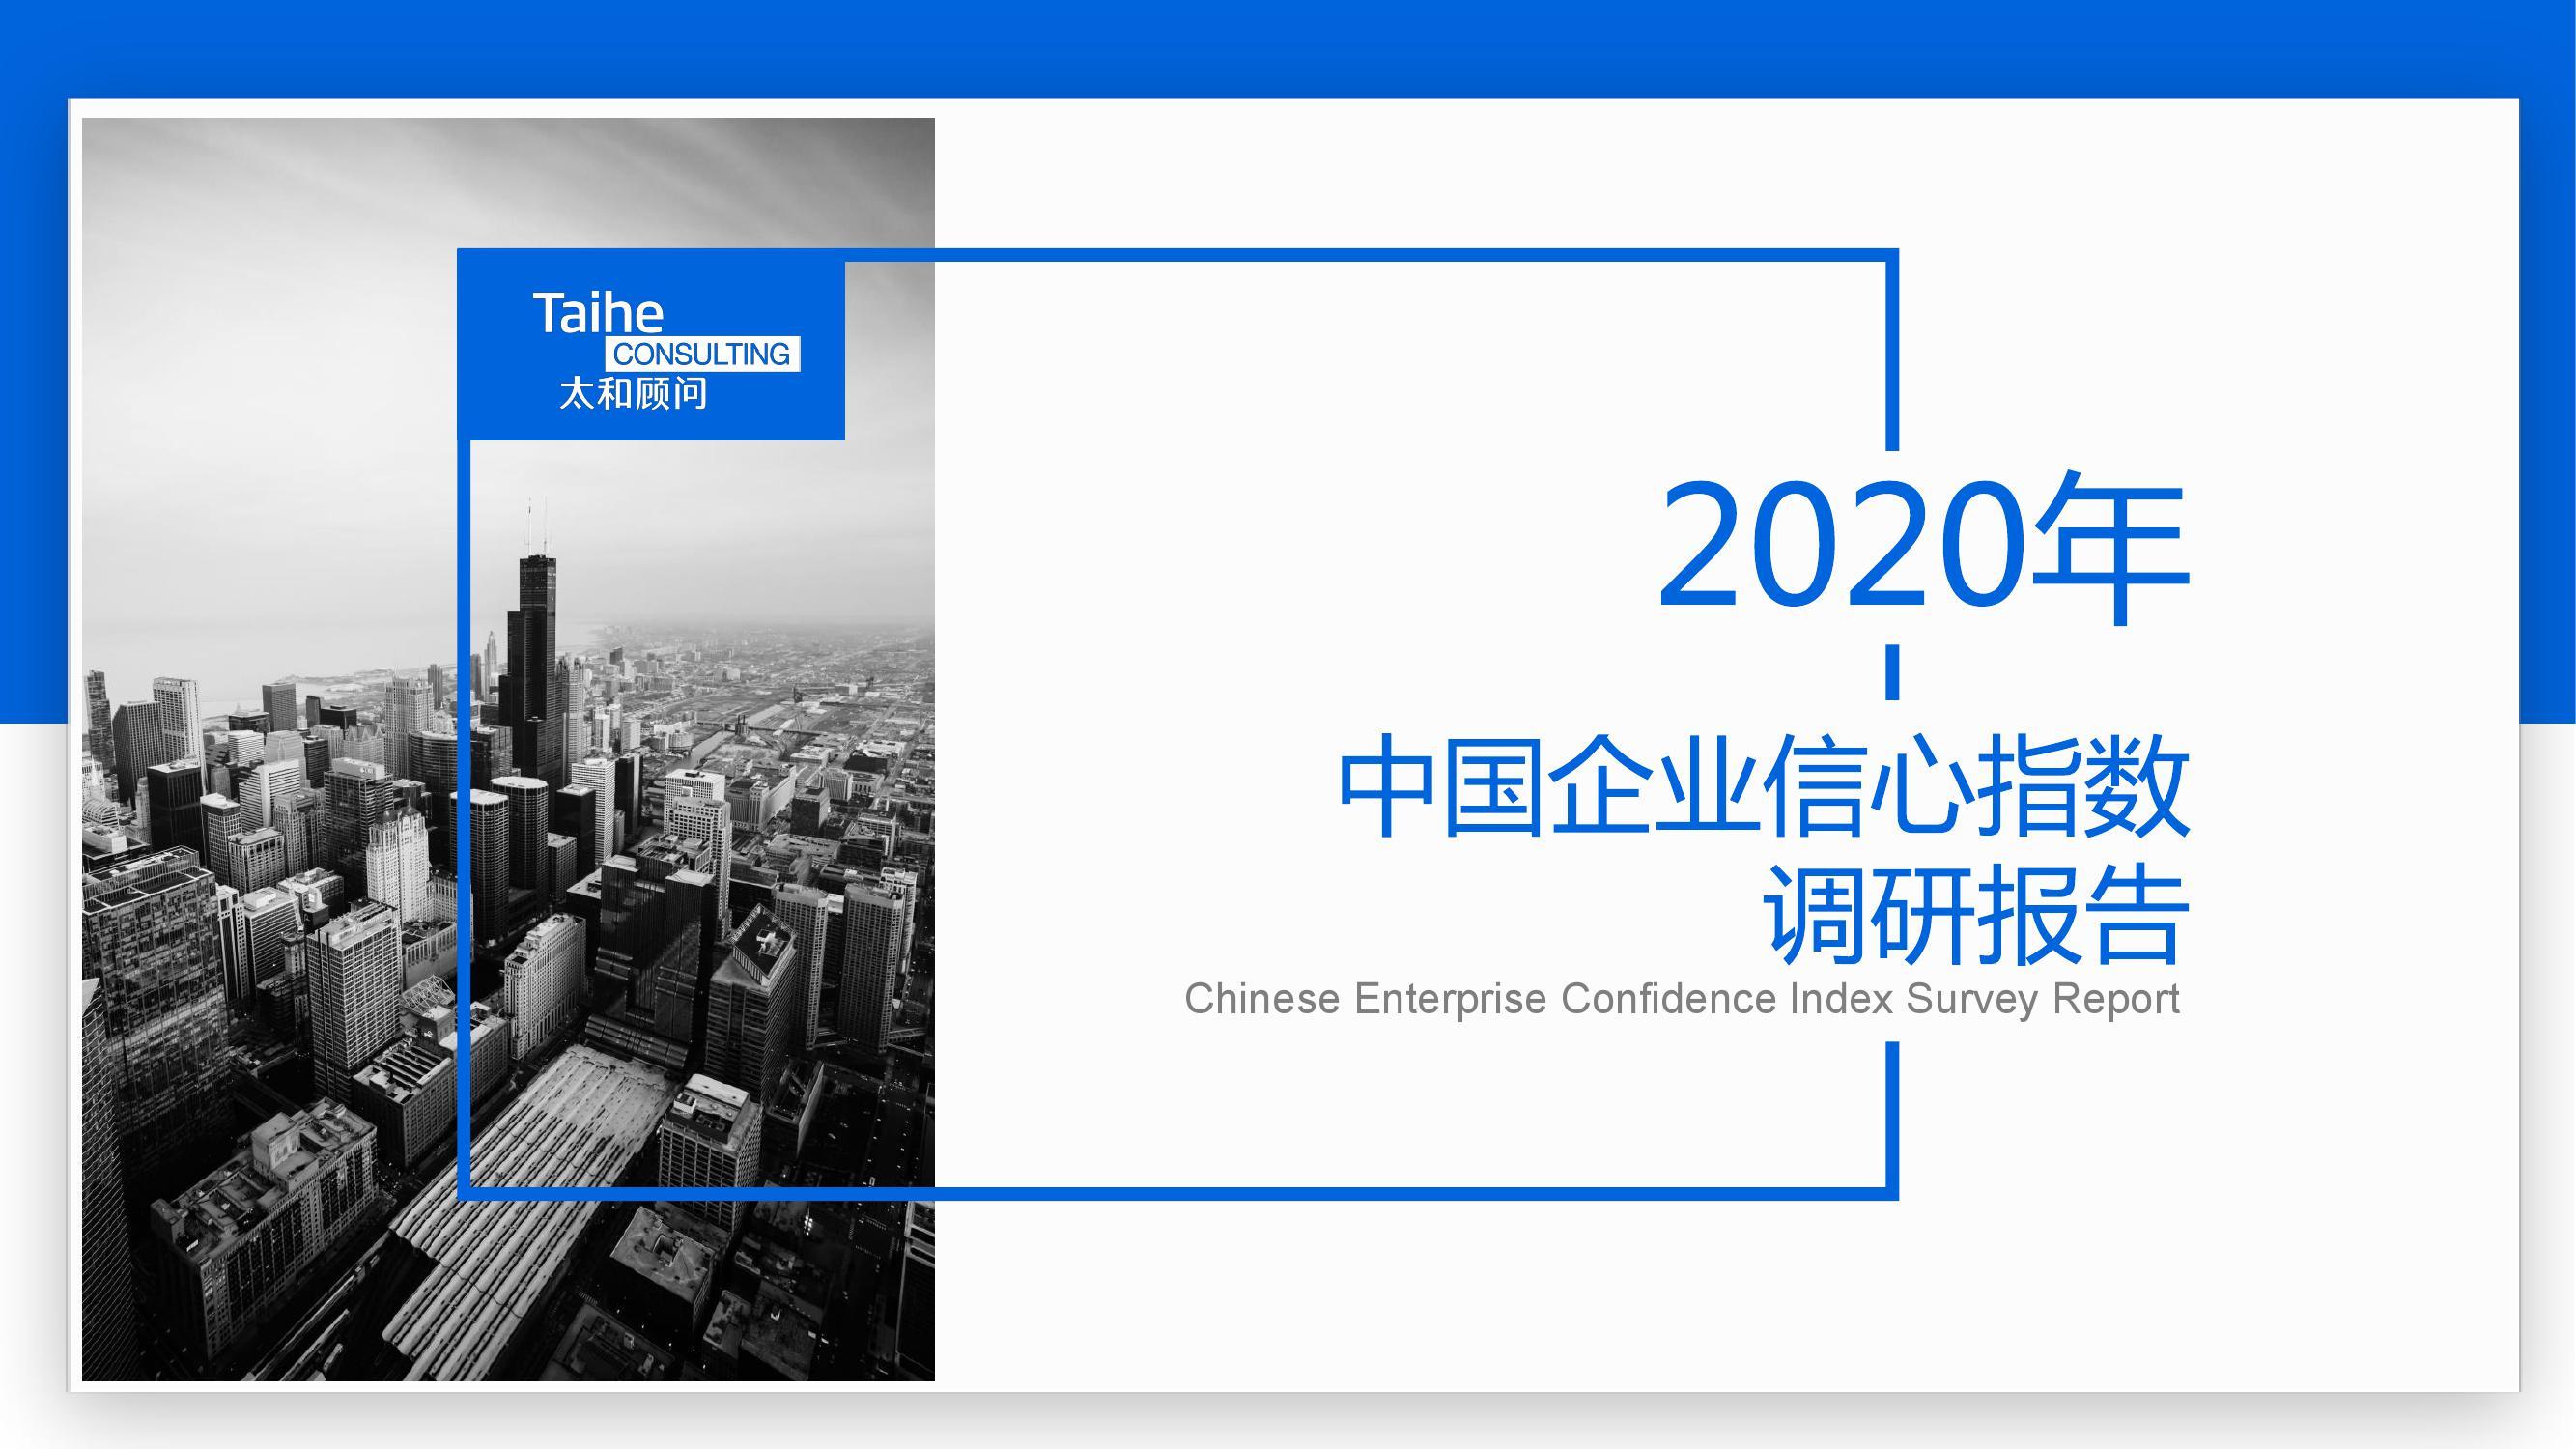 太和顾问:2020中国企业信心指数专项调研报告(附下载)